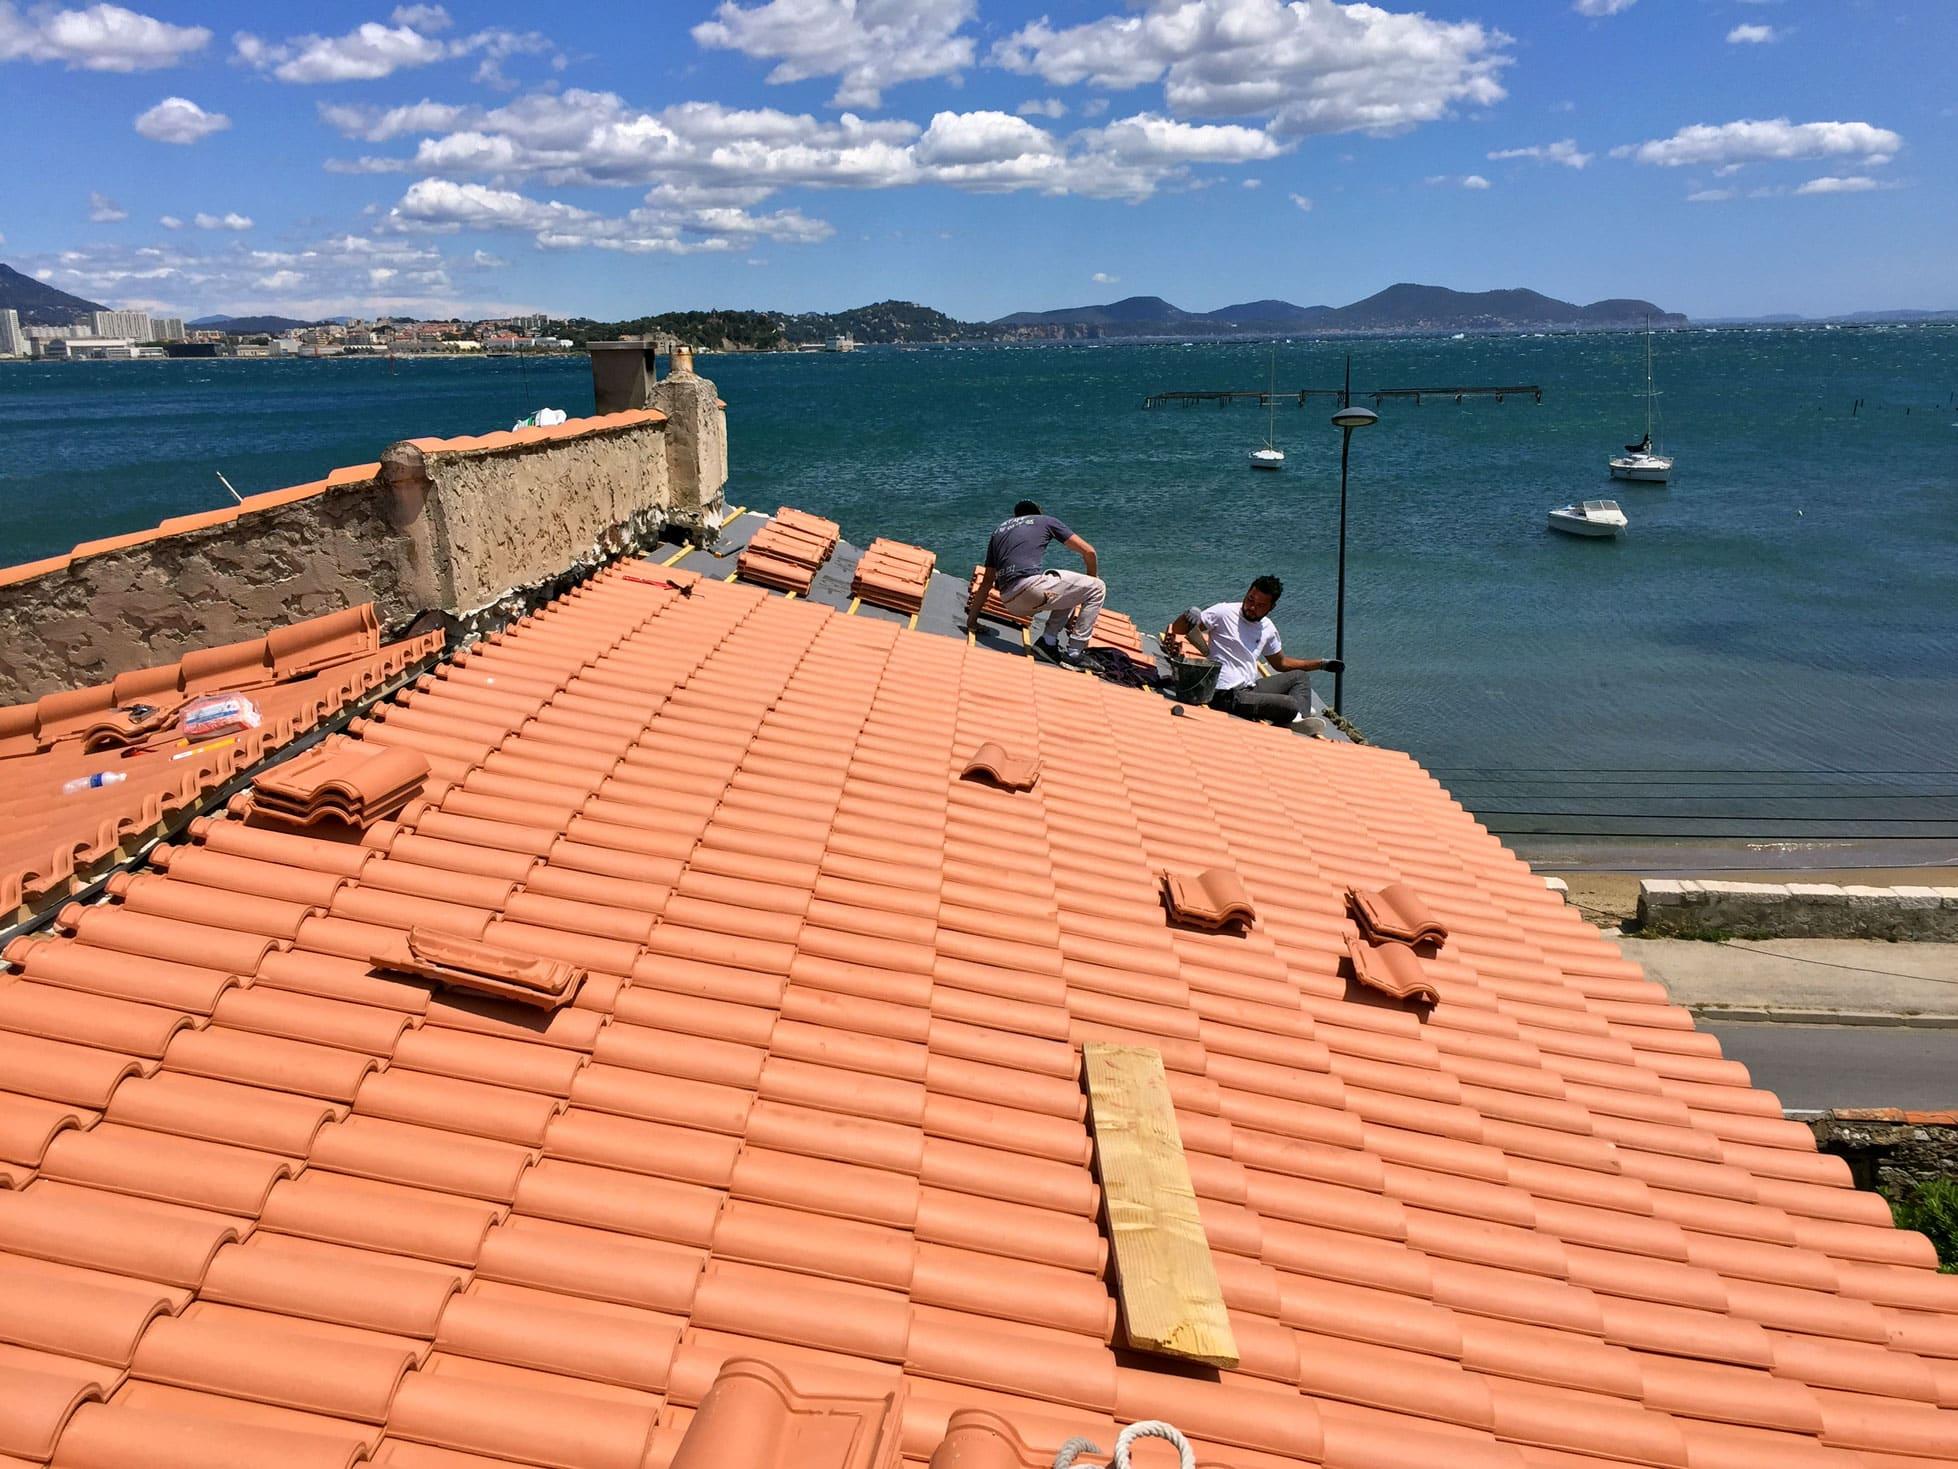 AR Couverture Toulon - Artisan, couverture, charpente, toitures